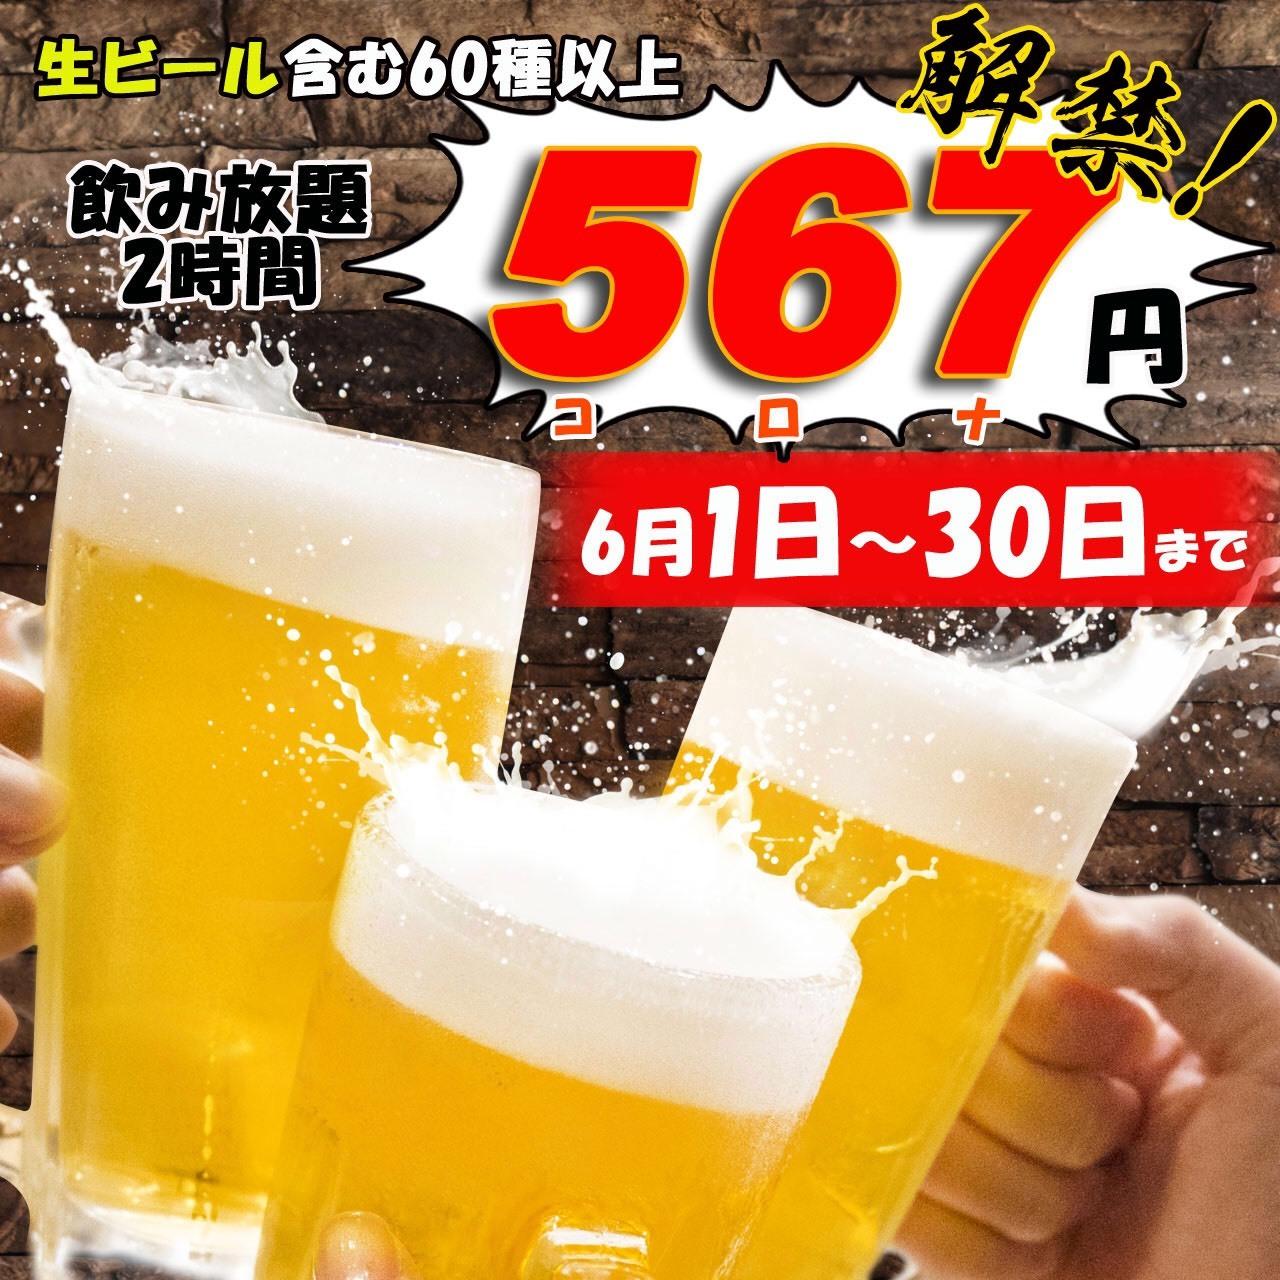 生ビール付き60種類以上のドリンク飲み放題(2時間) 6月1日(月)から期間限定で特別価格『567円... 画像